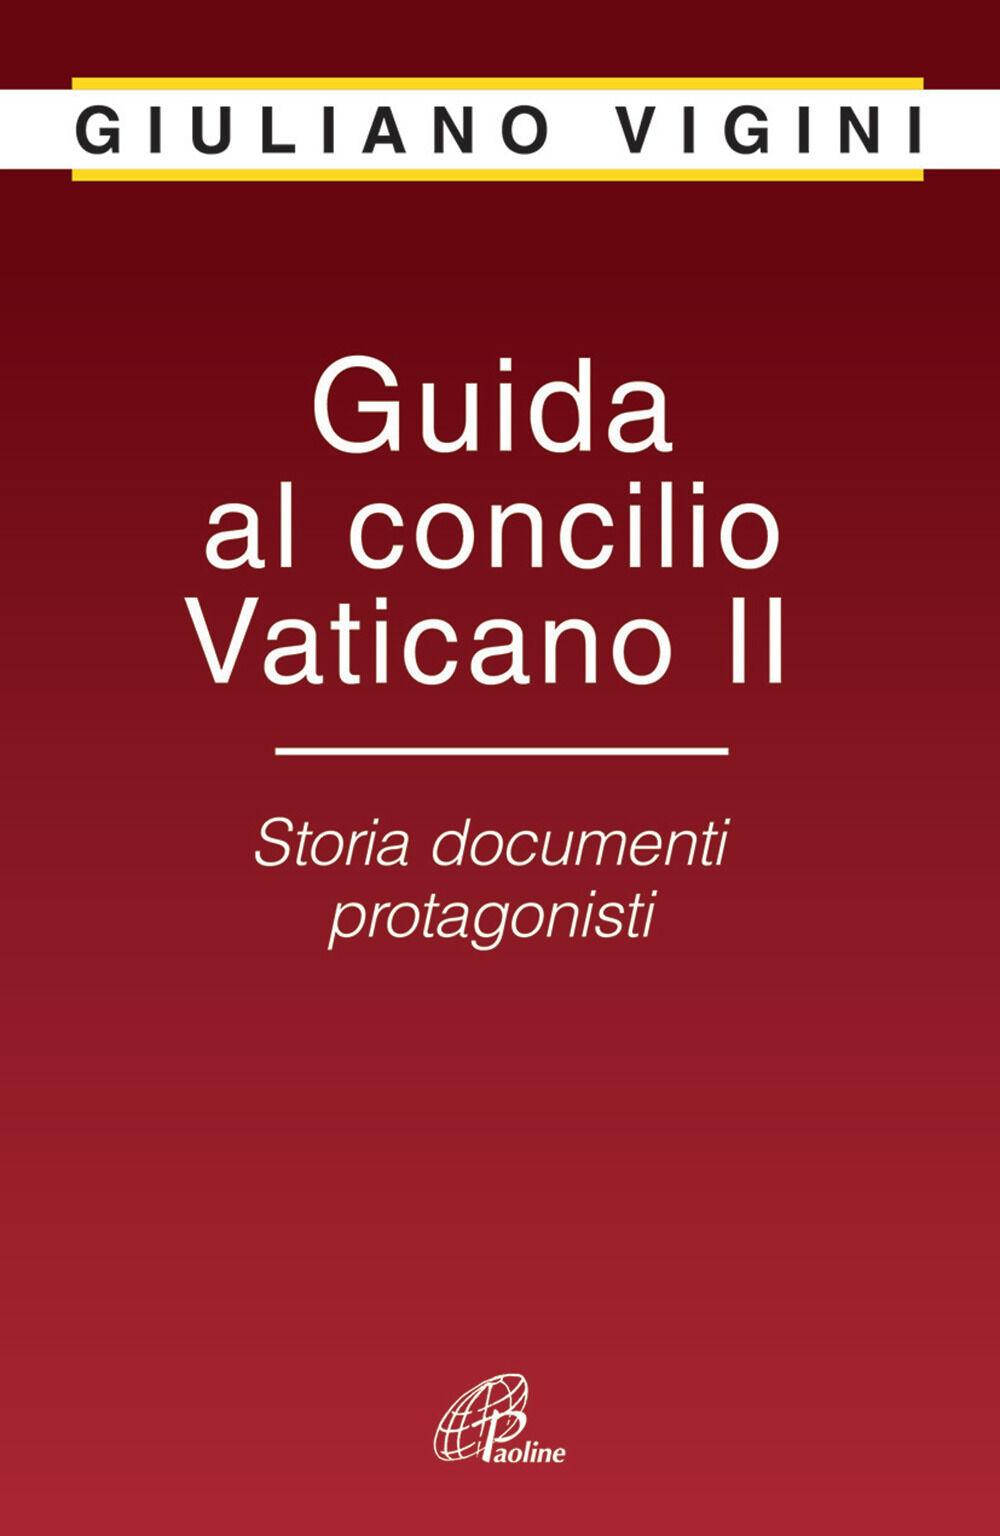 Guida al Concilio Vaticano II. Storia documenti protagonisti